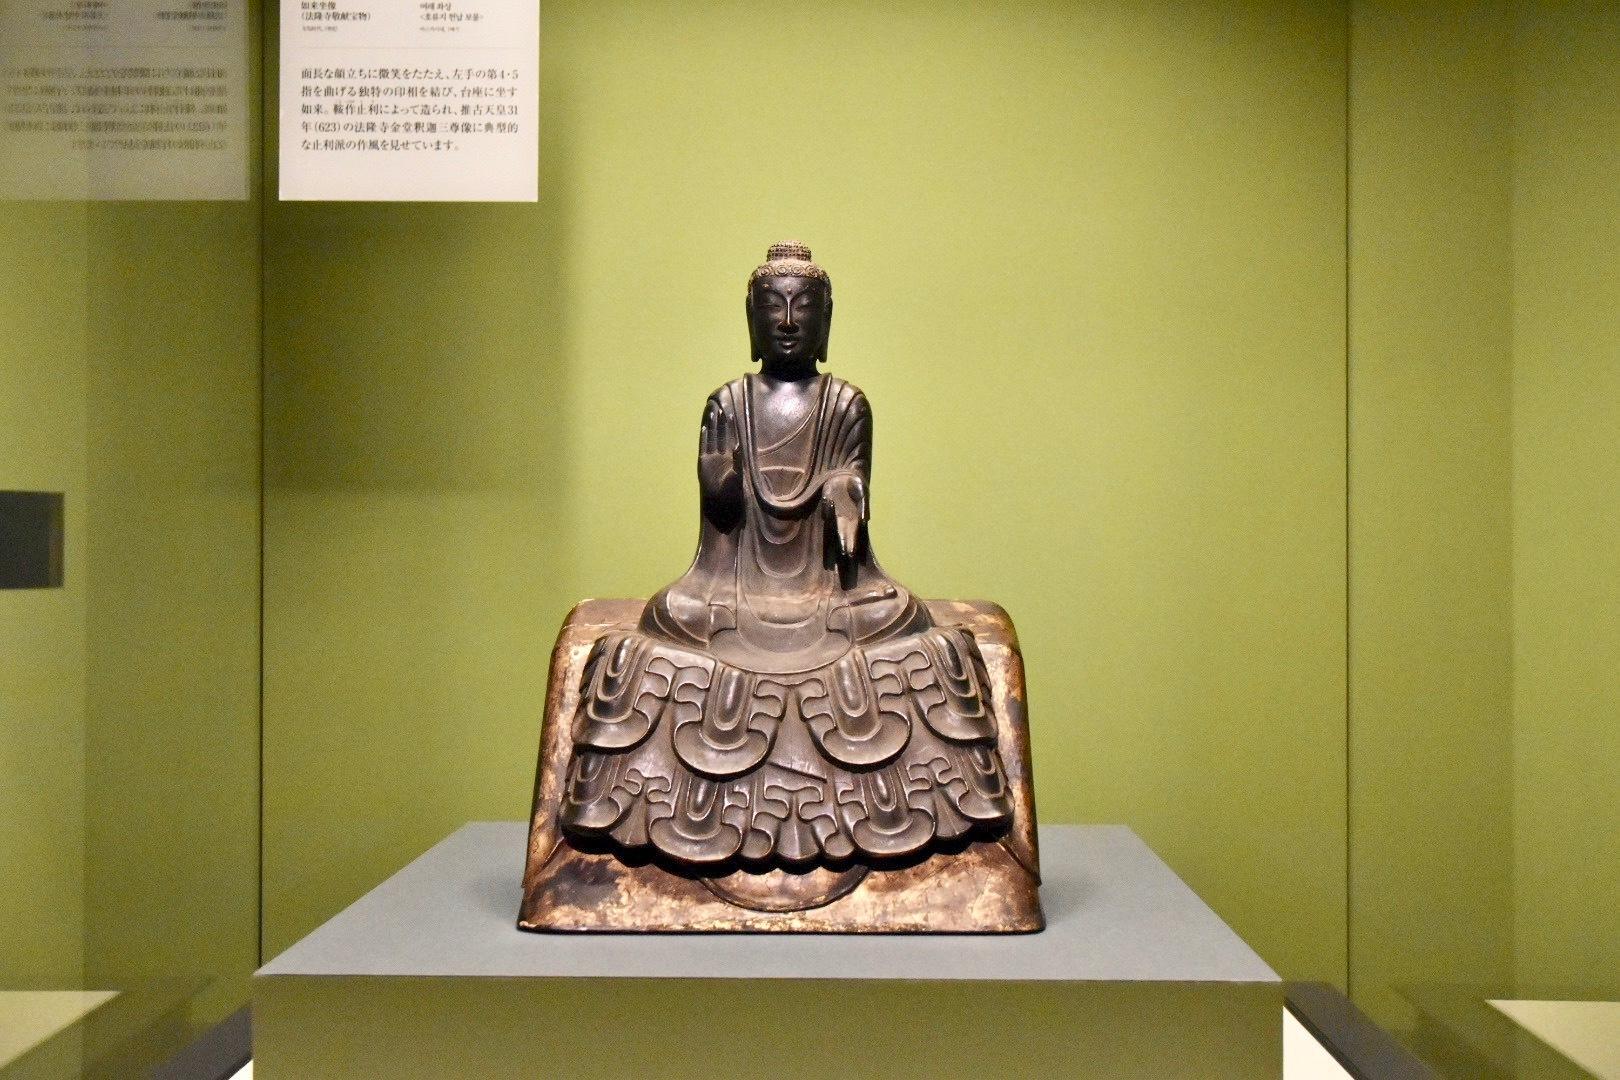 如来坐像(重要文化財) 飛鳥時代 7世紀 東京国立博物館(法隆寺献納宝物)